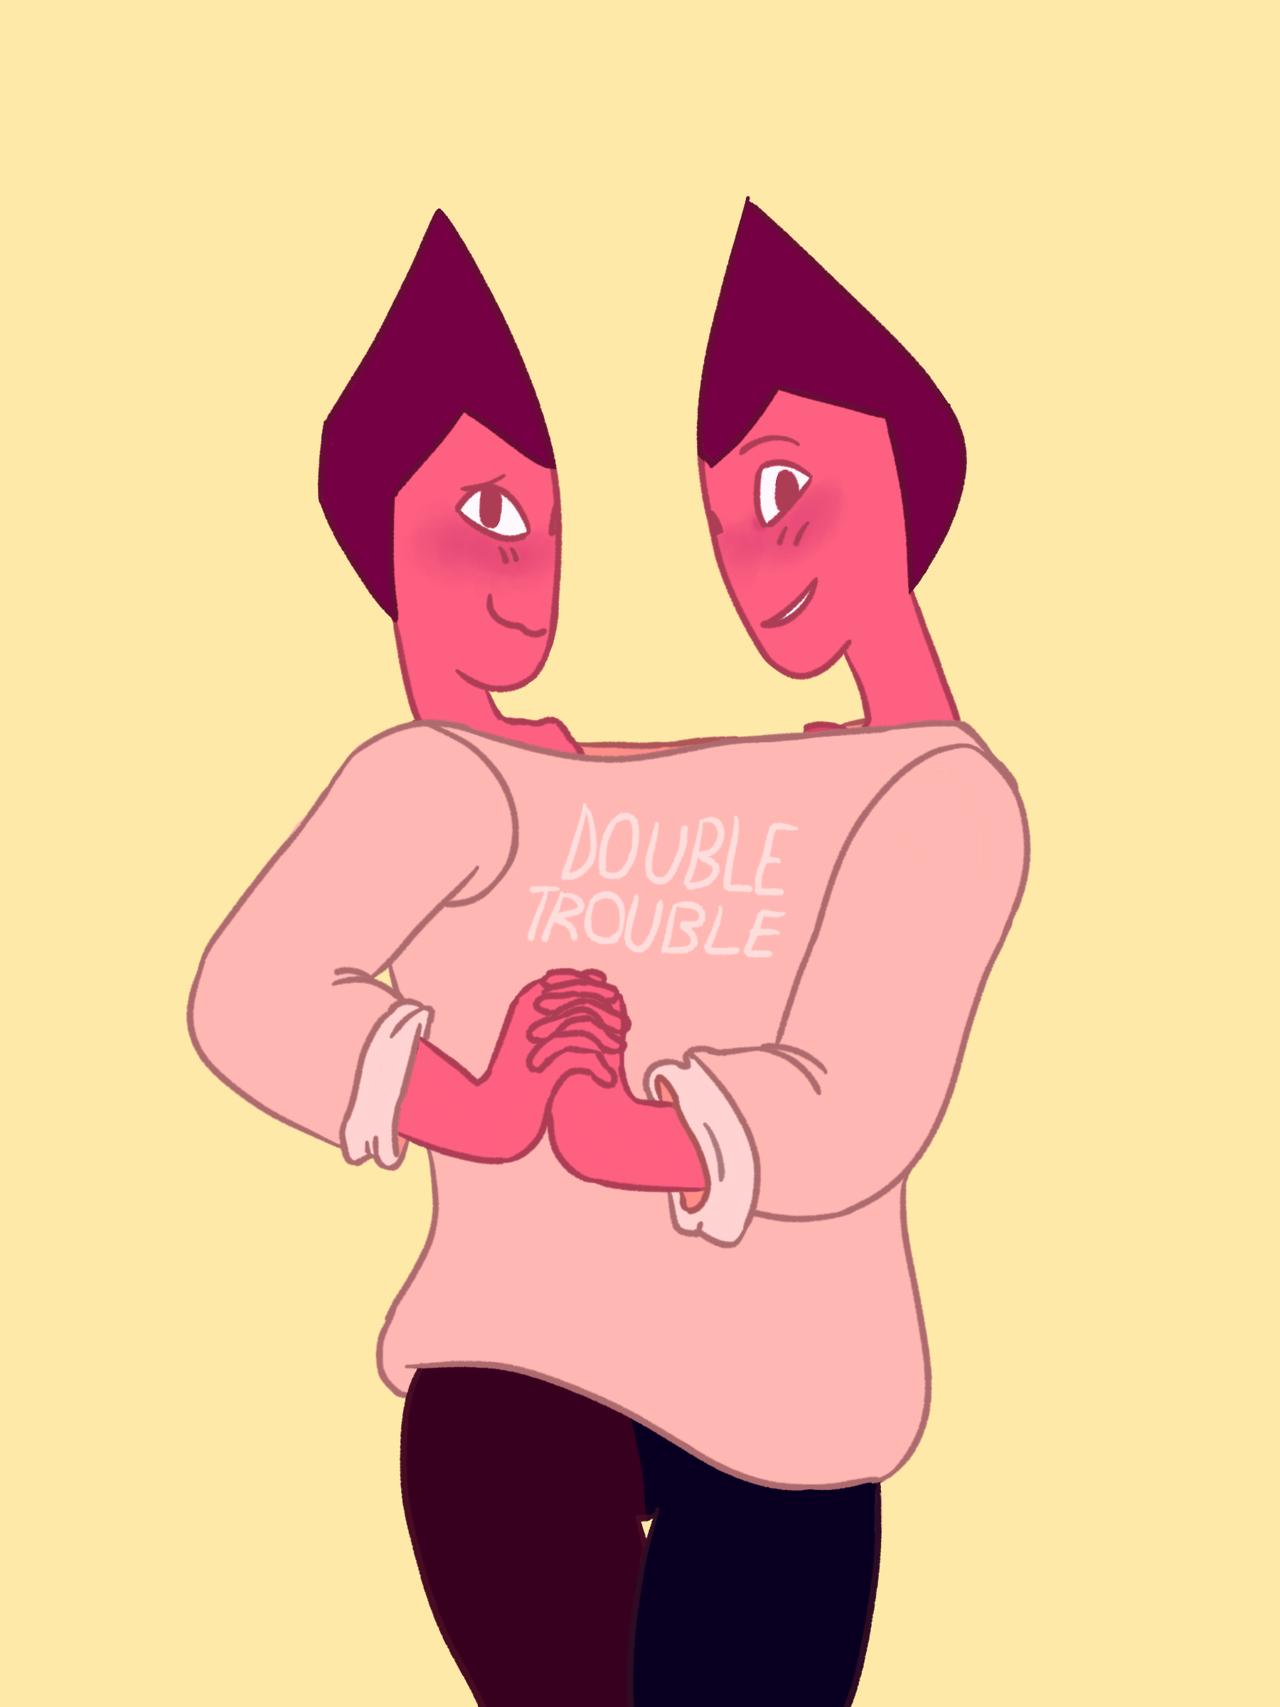 twinsies! 👯